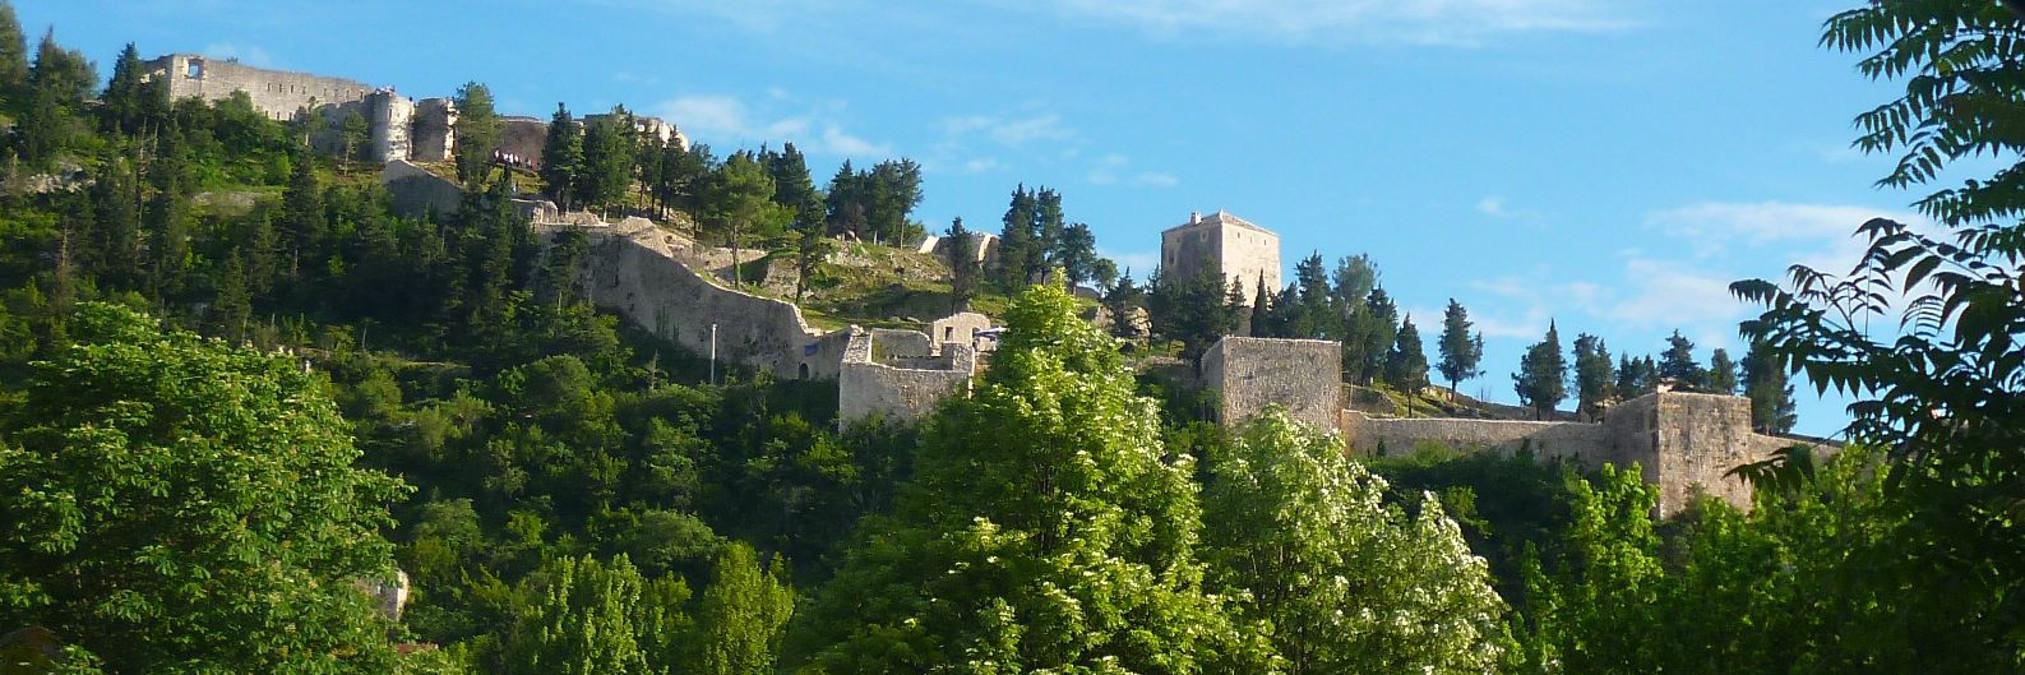 Видошская крепость